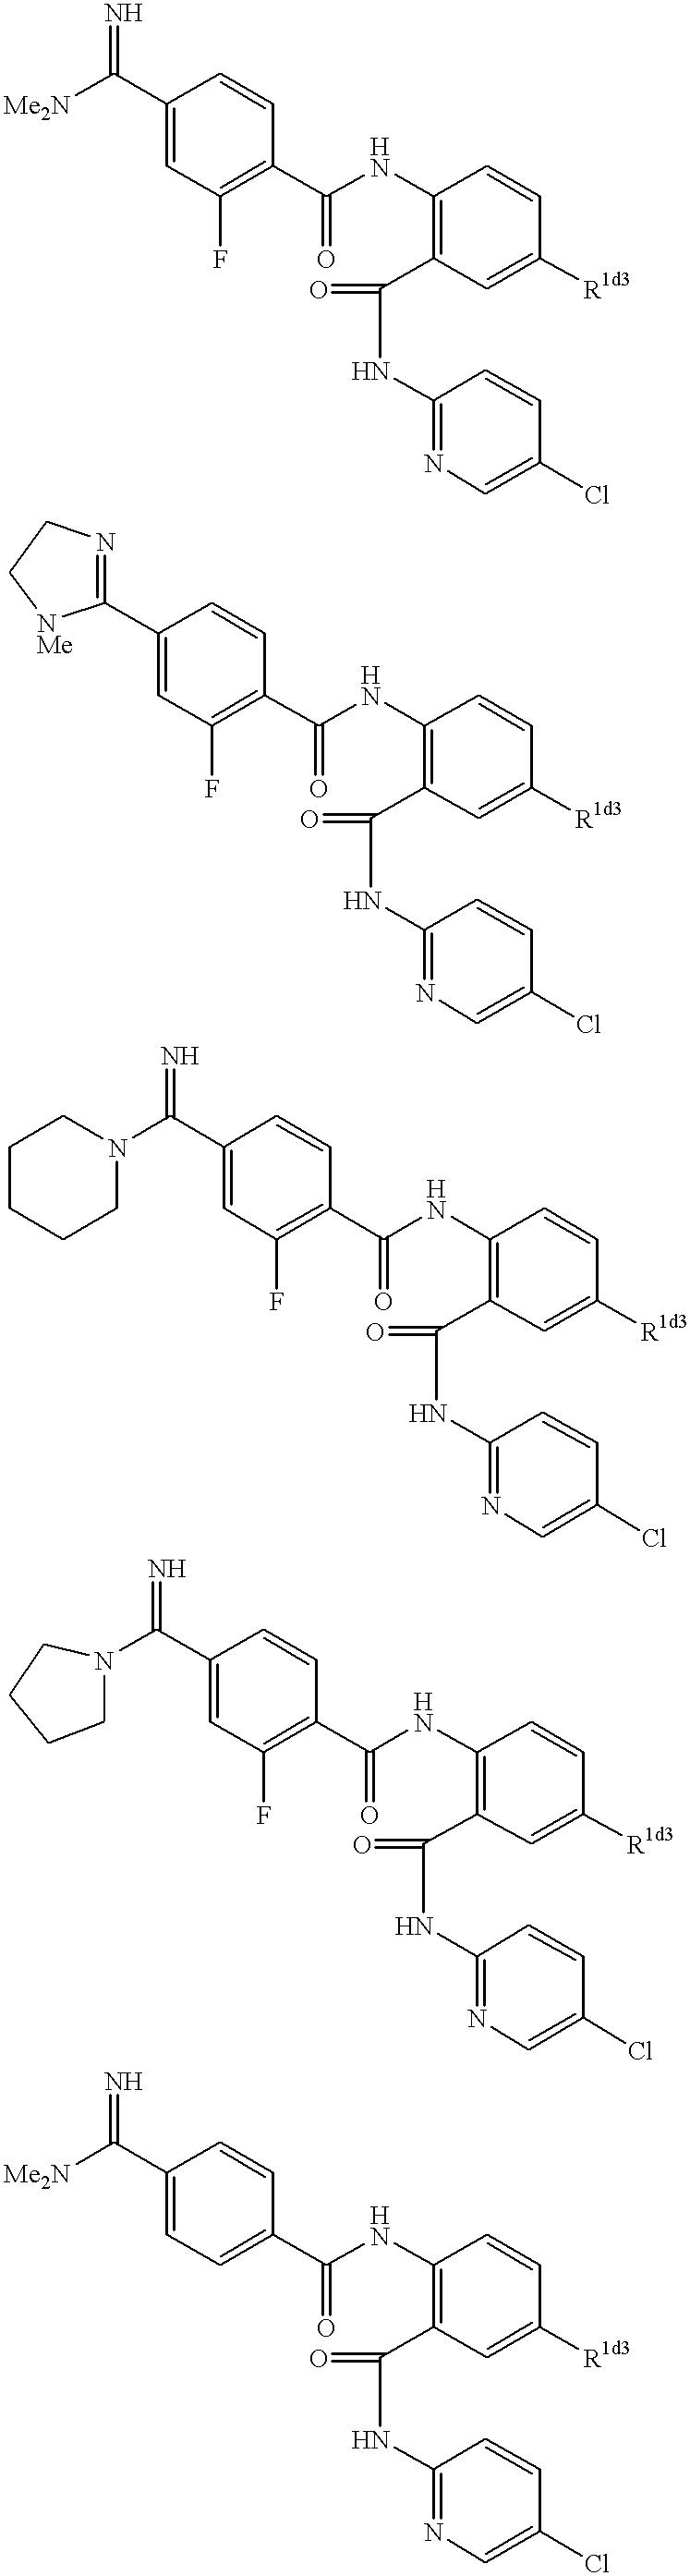 Figure US06376515-20020423-C00227